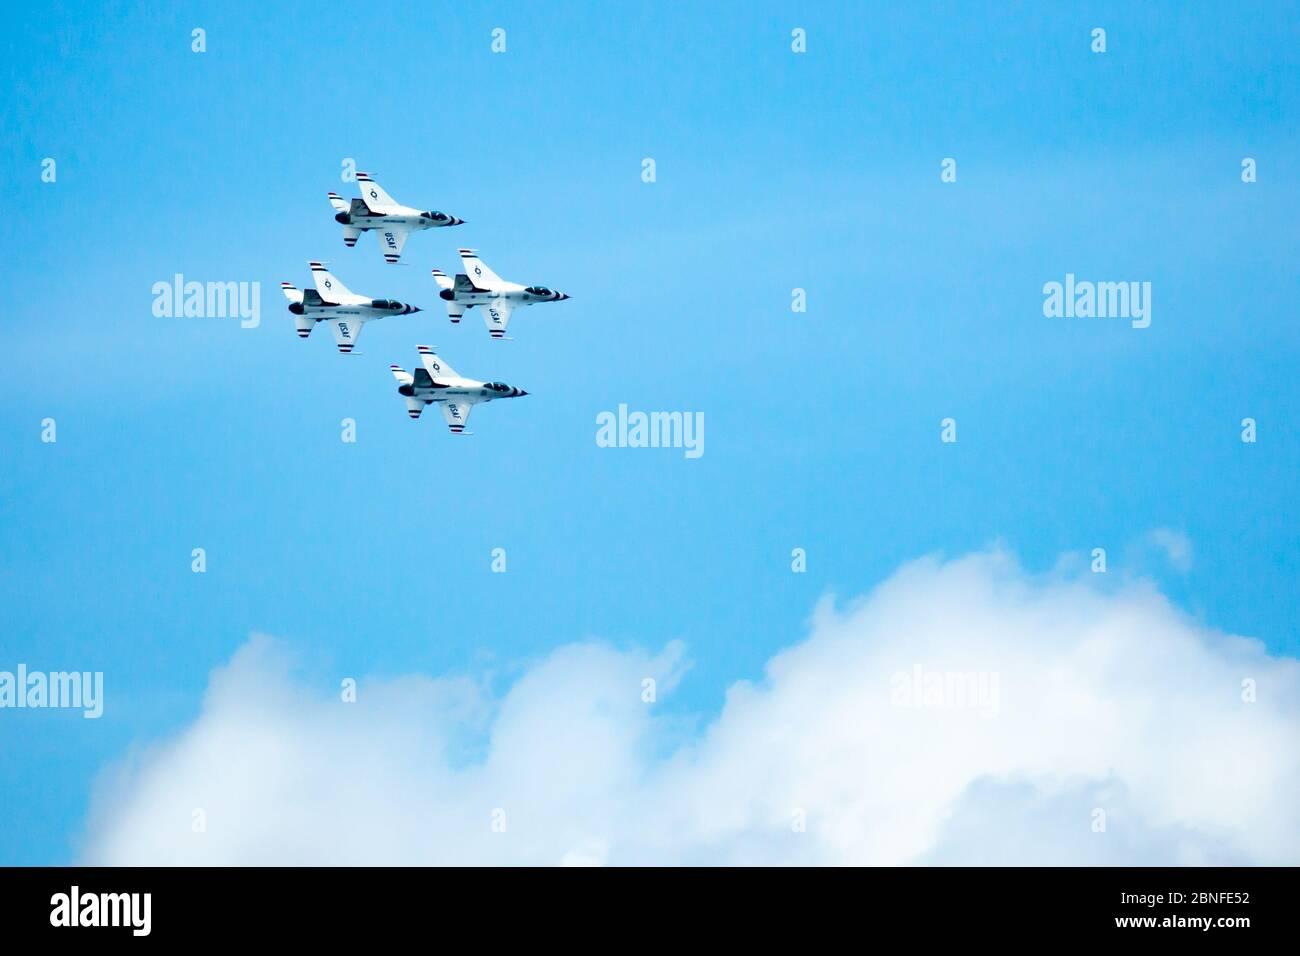 Sioux Falls, SD, USA 17 de agosto de 2019 Exhibición Aérea con la Fuerza Aérea de los EE.UU. F16C luchando contra los Falcons, Thunderbirds en un cielo azul con espacio de copia Foto de stock